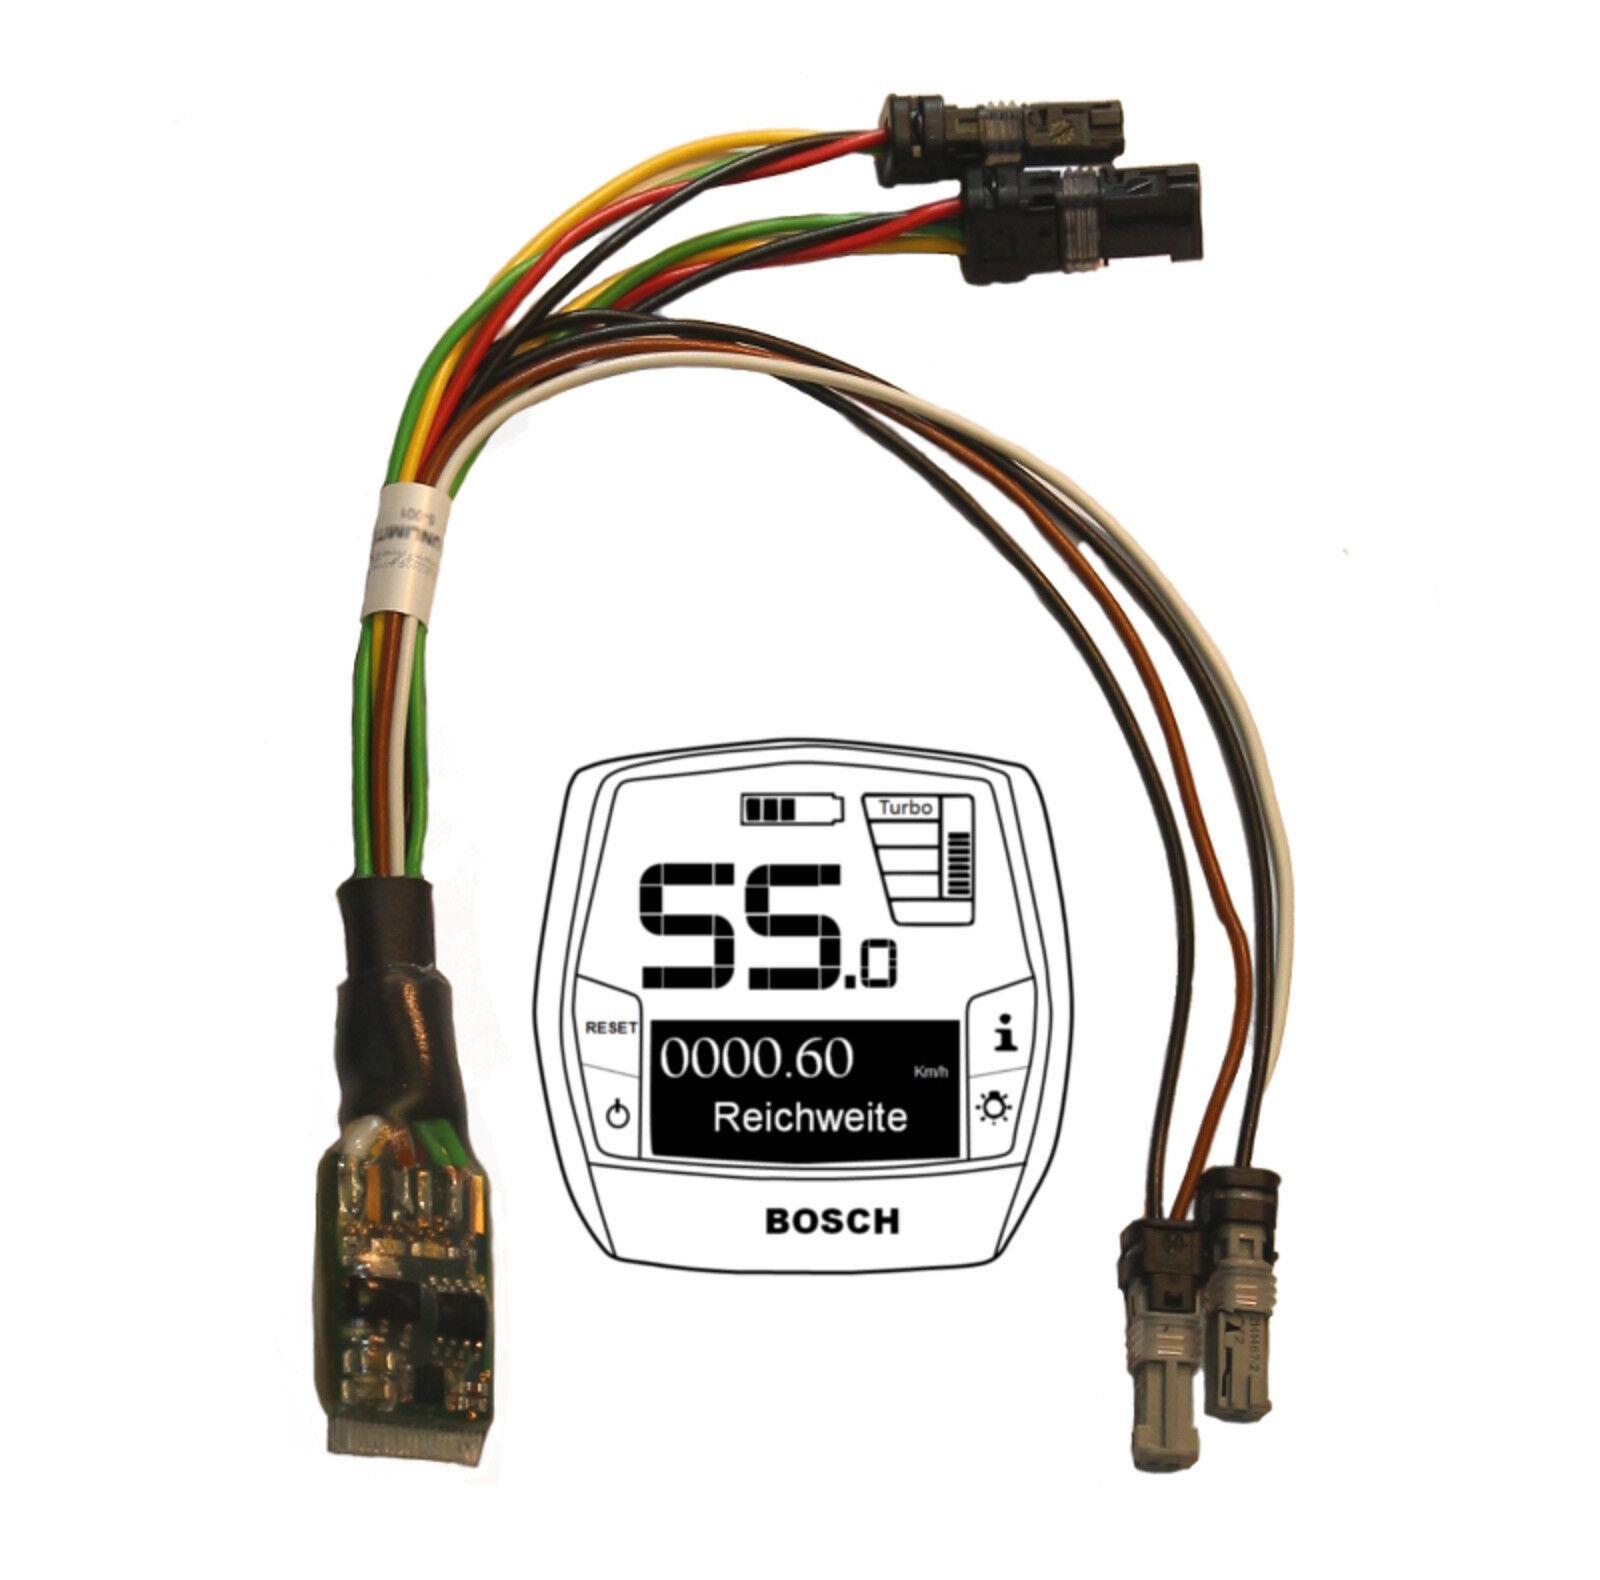 ASA SPEED SPEED SPEED B25.13 - Tuningmodul für Bosch eBikes (Tuning für das Bosch eBike)  | Sale Outlet  fde96a